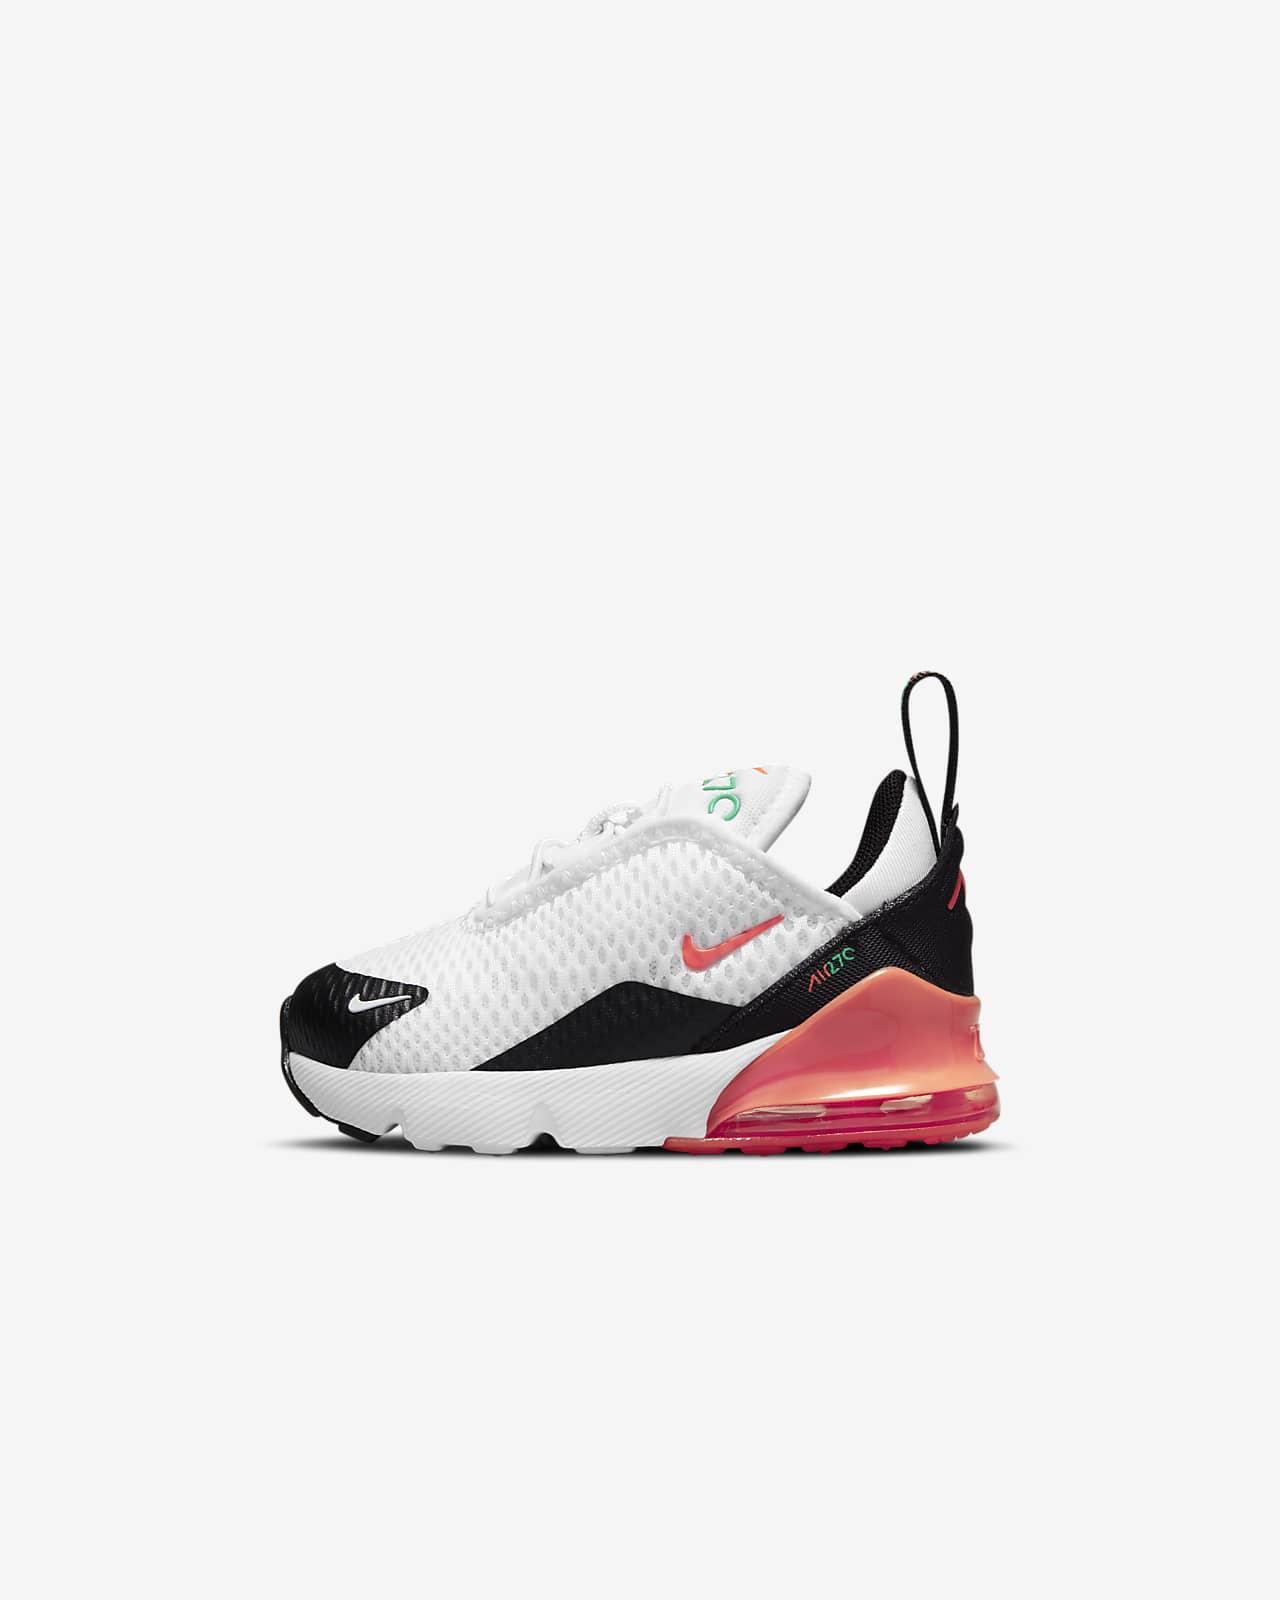 Nike Air Max 270 Baby/Toddler Shoe